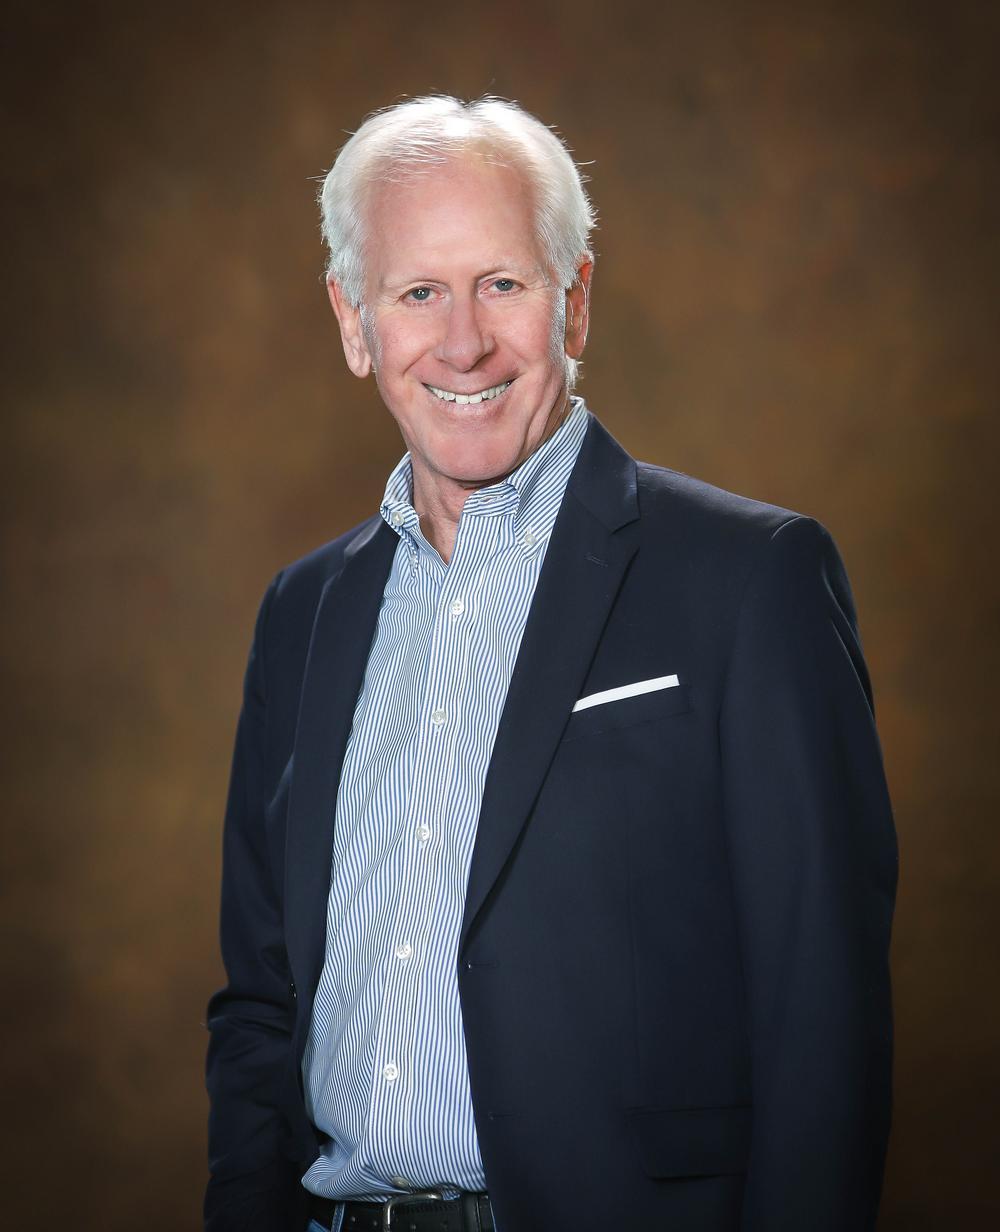 Mark W. Rekow, CFP® Photo